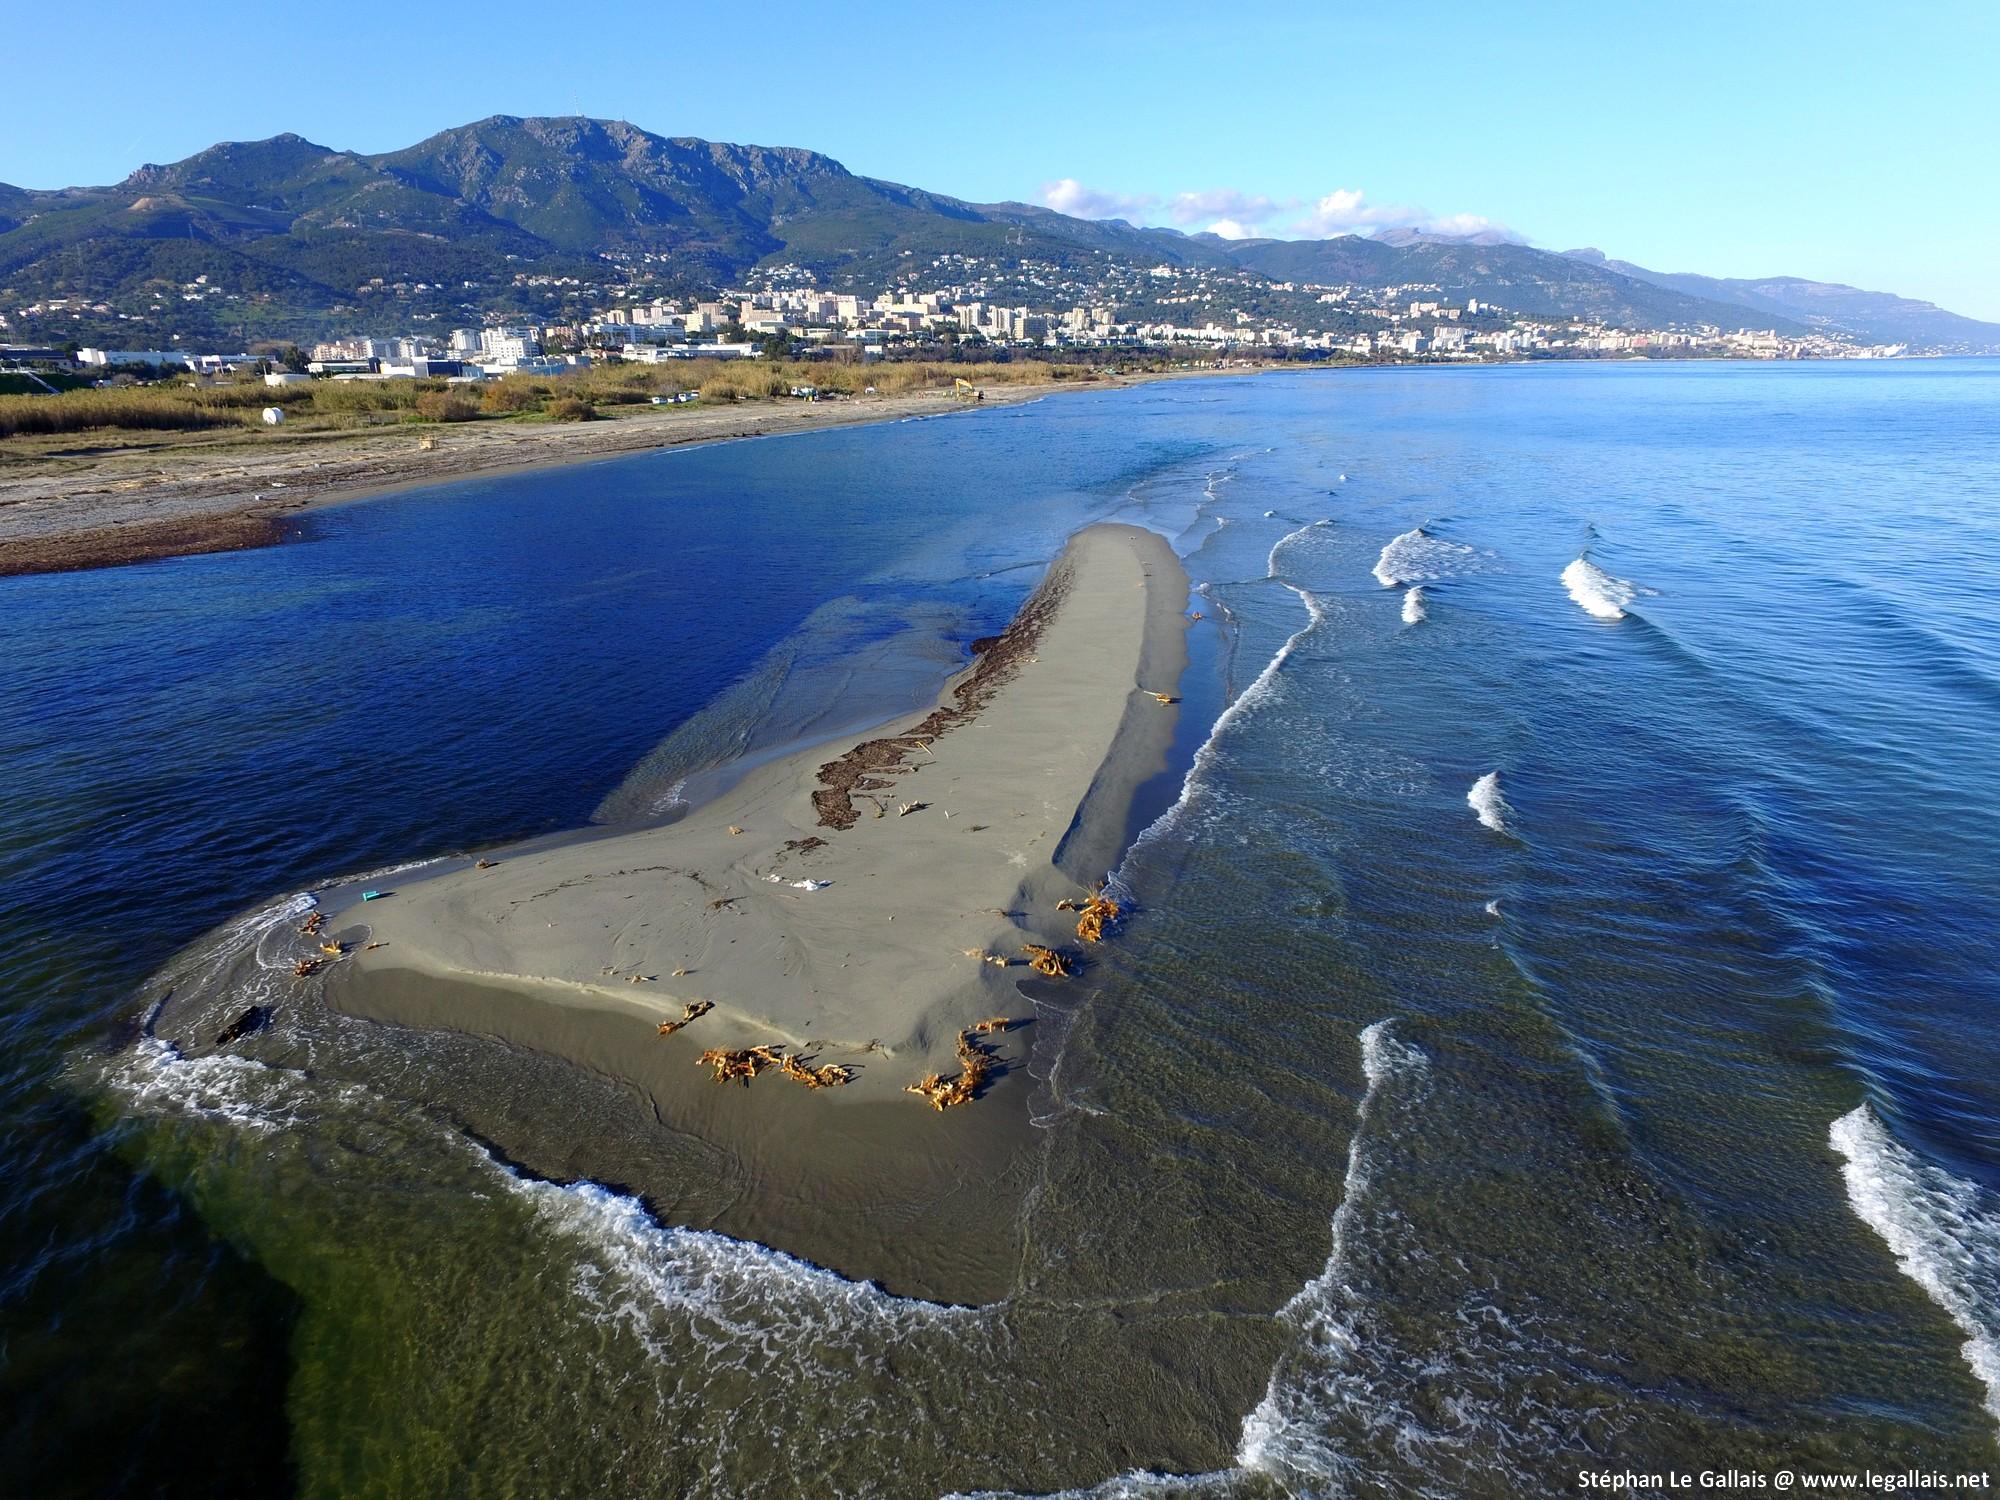 Un ilot de sable s'est formé au large de l'étang Chiurlinu